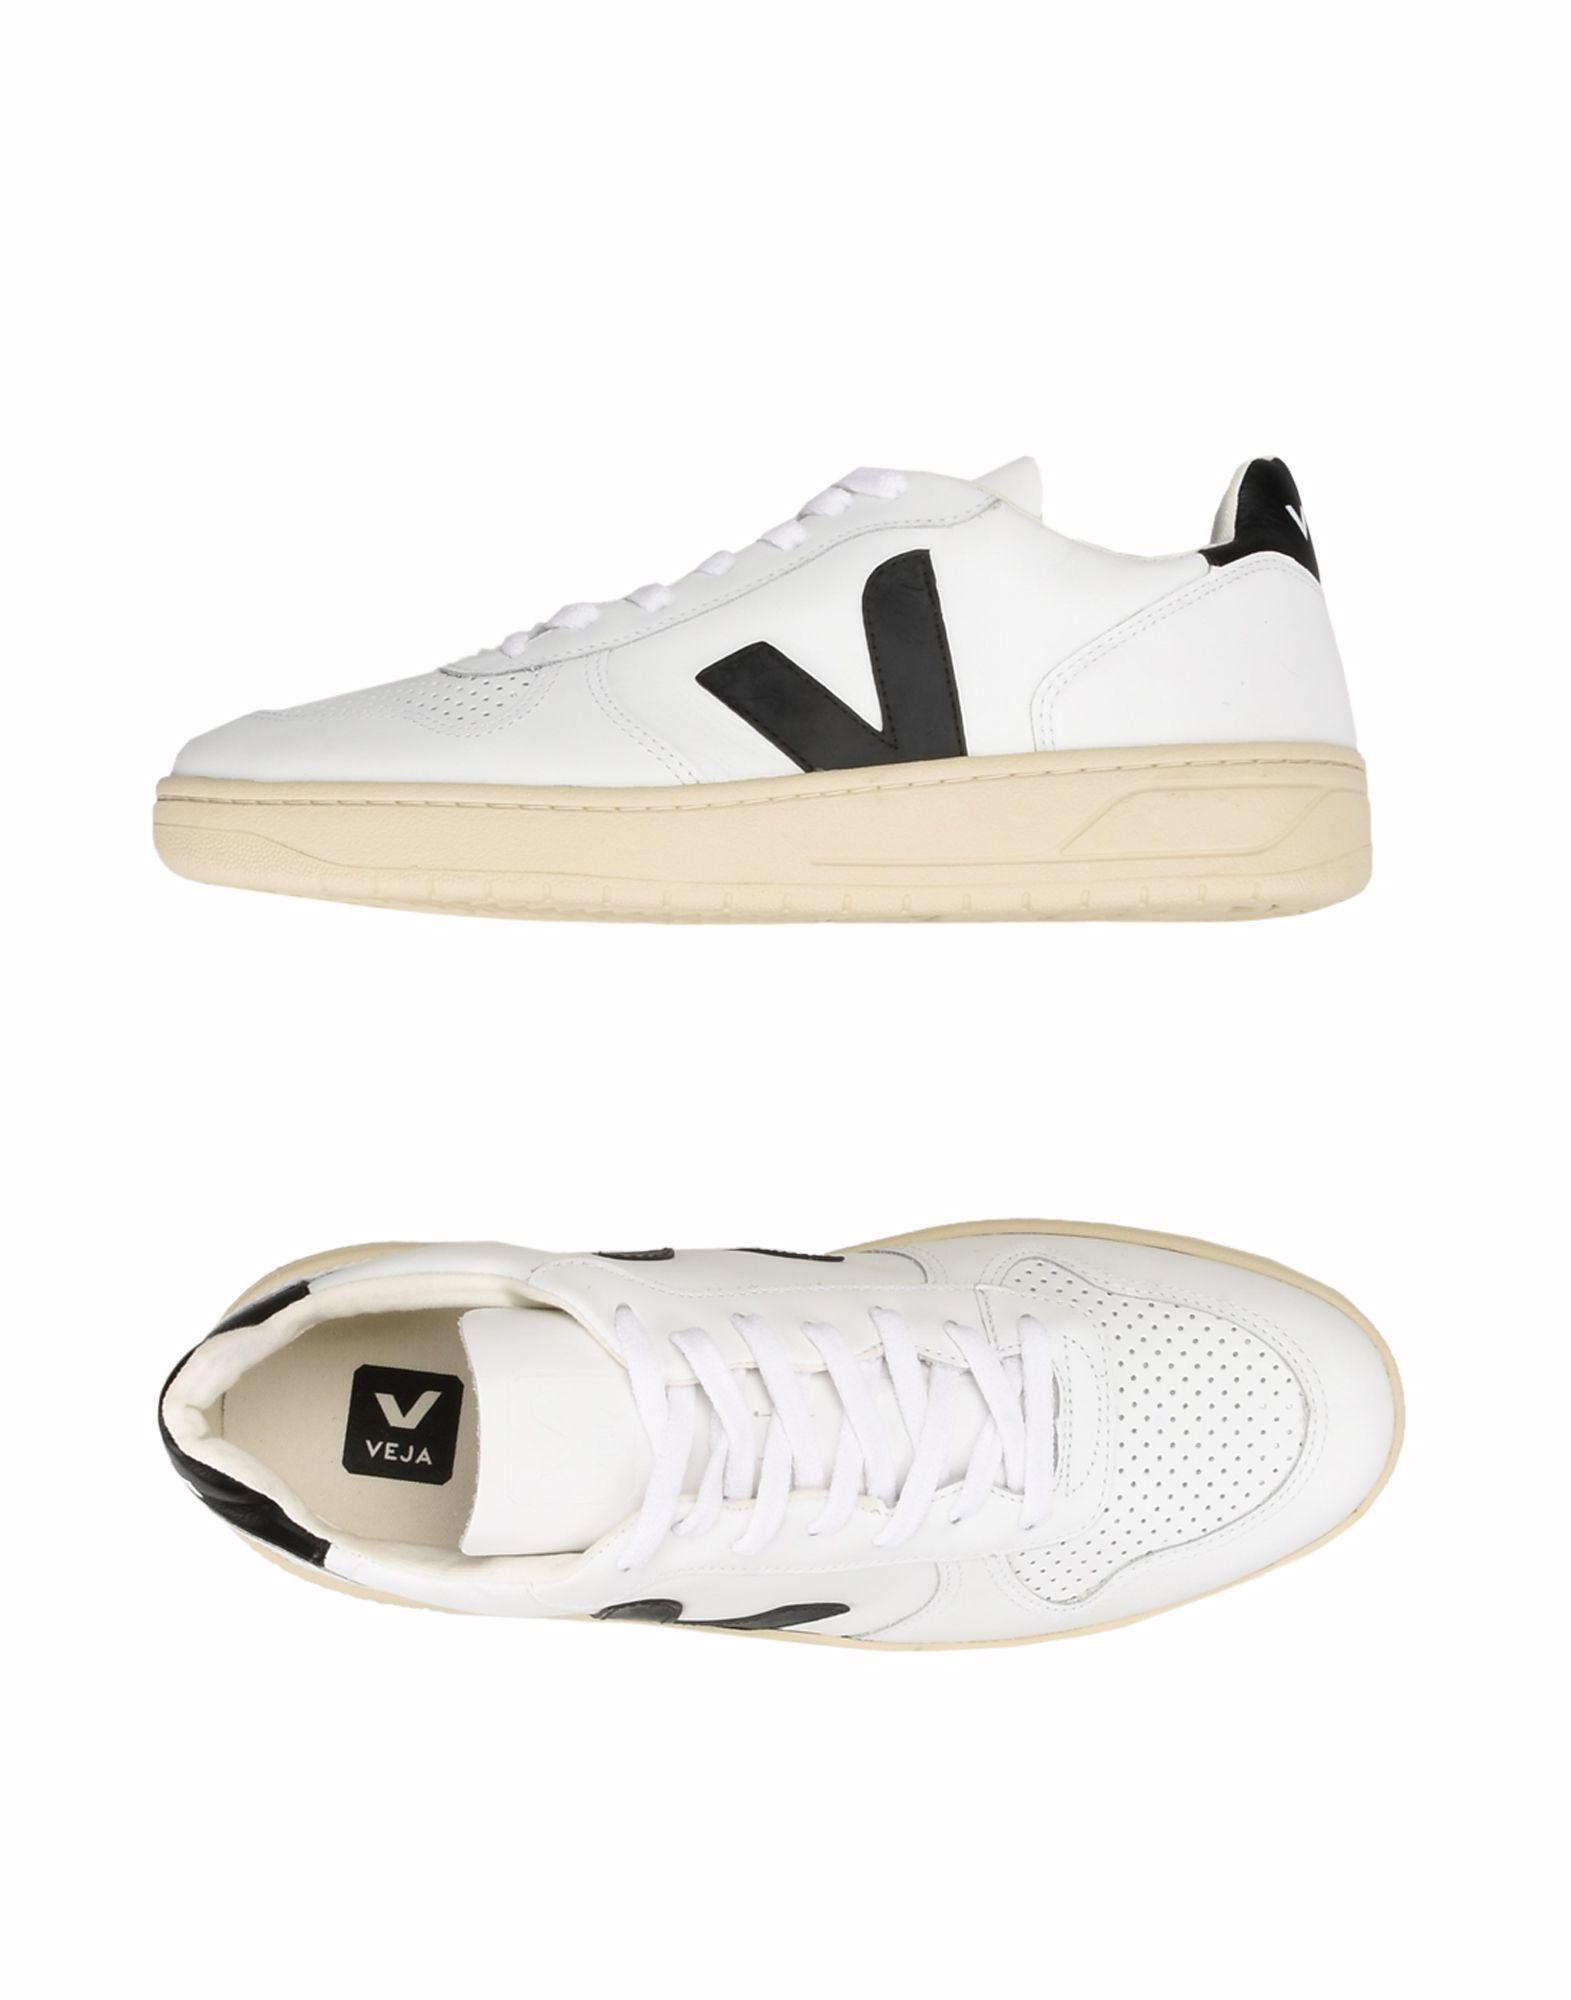 Veja Sneakers Herren  11306287WC Gute Qualität beliebte Schuhe